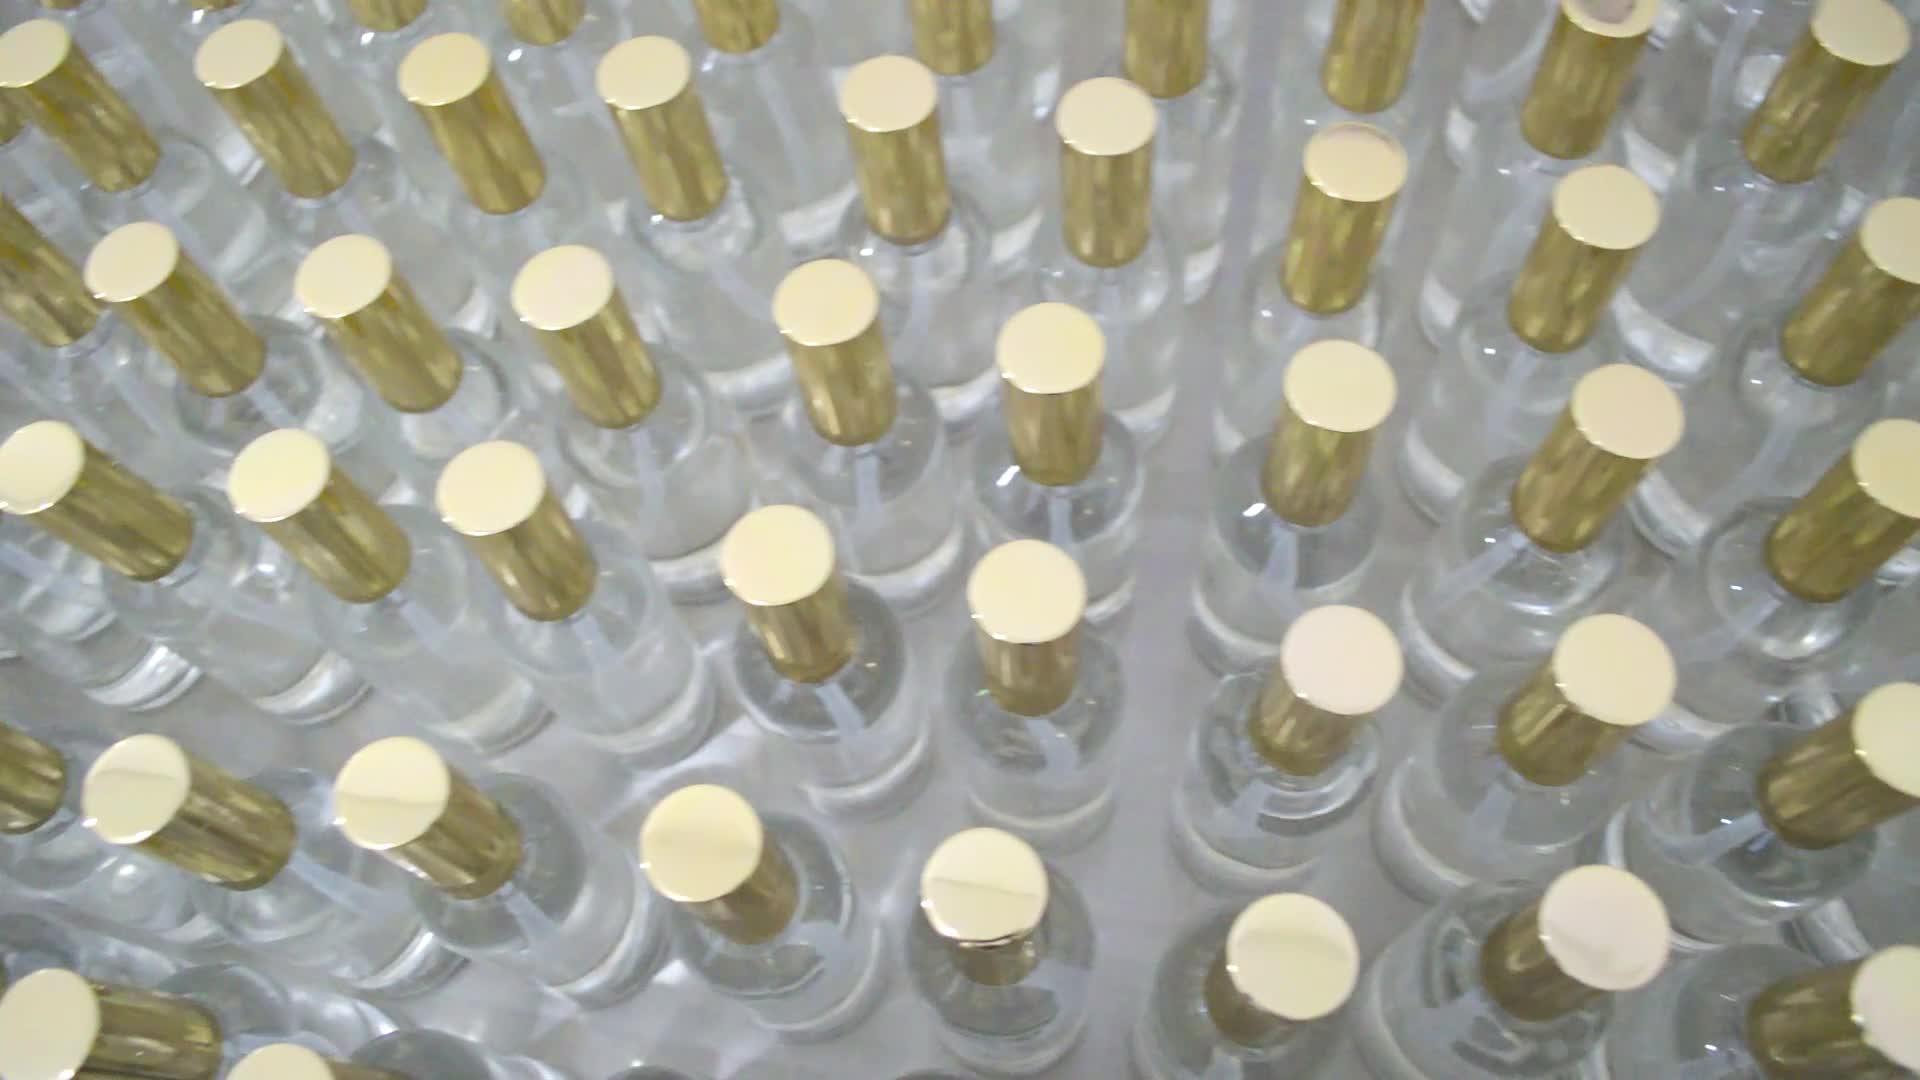 Marocchino Rosa Damascena Acqua di Rose 1st Destillation-Organico-Commercio All'ingrosso-Ecocert Organico 100% Puro 1L, 5L, 20L, 30L